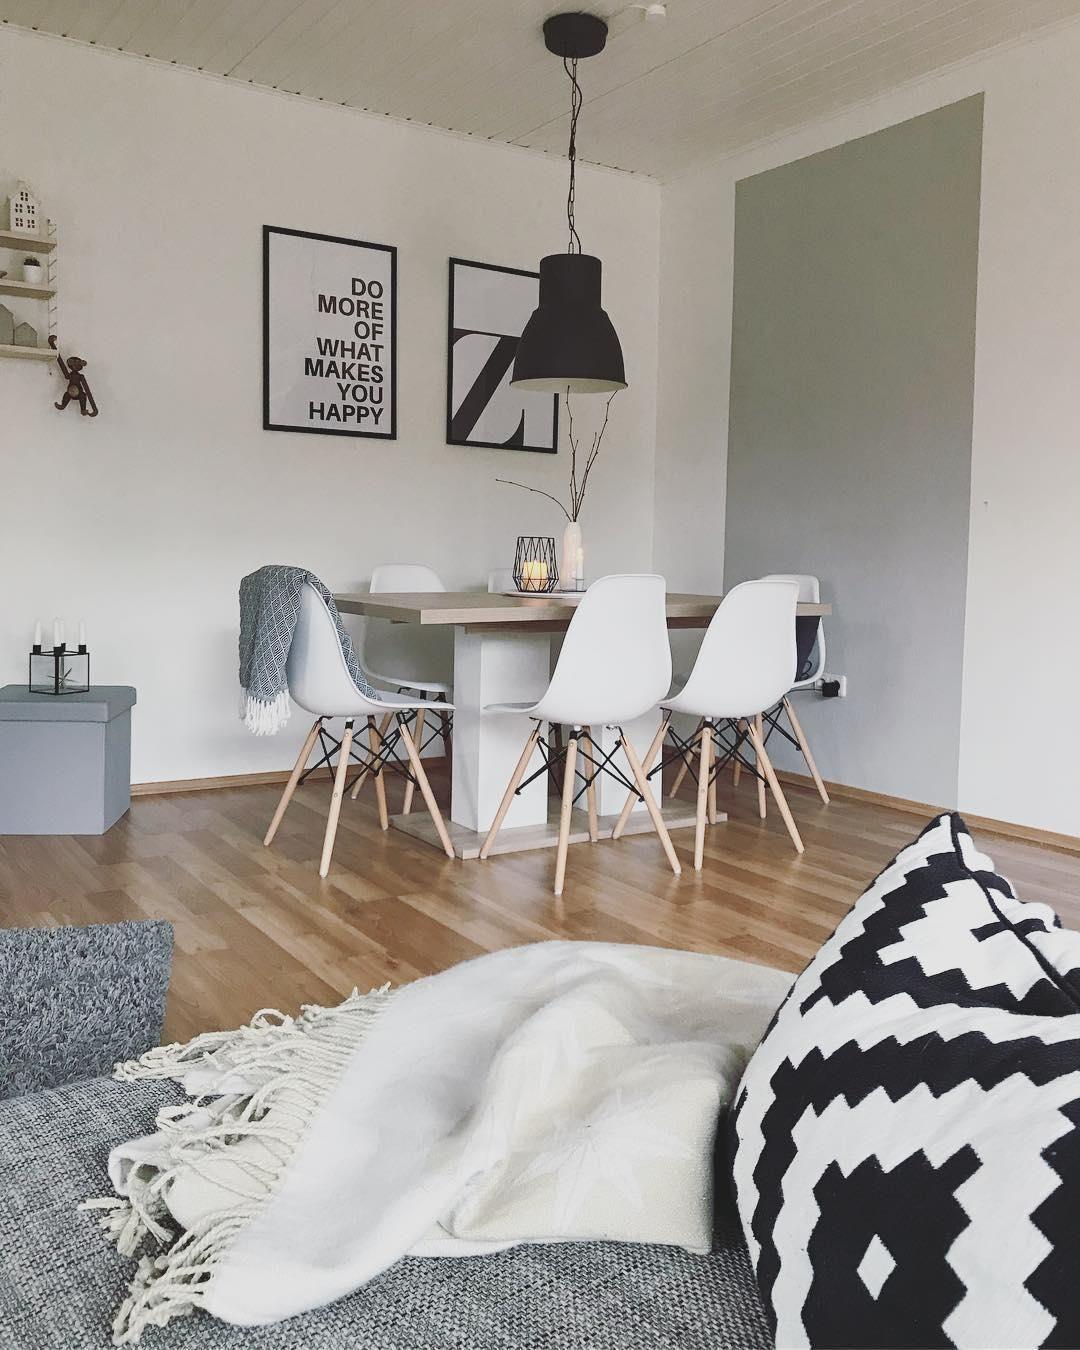 Wohnzimmer Und Esszimmer In Einem Kleinen Raum Ihr: Wie Verleiht Man Einem Raum Schnell Und Einfach